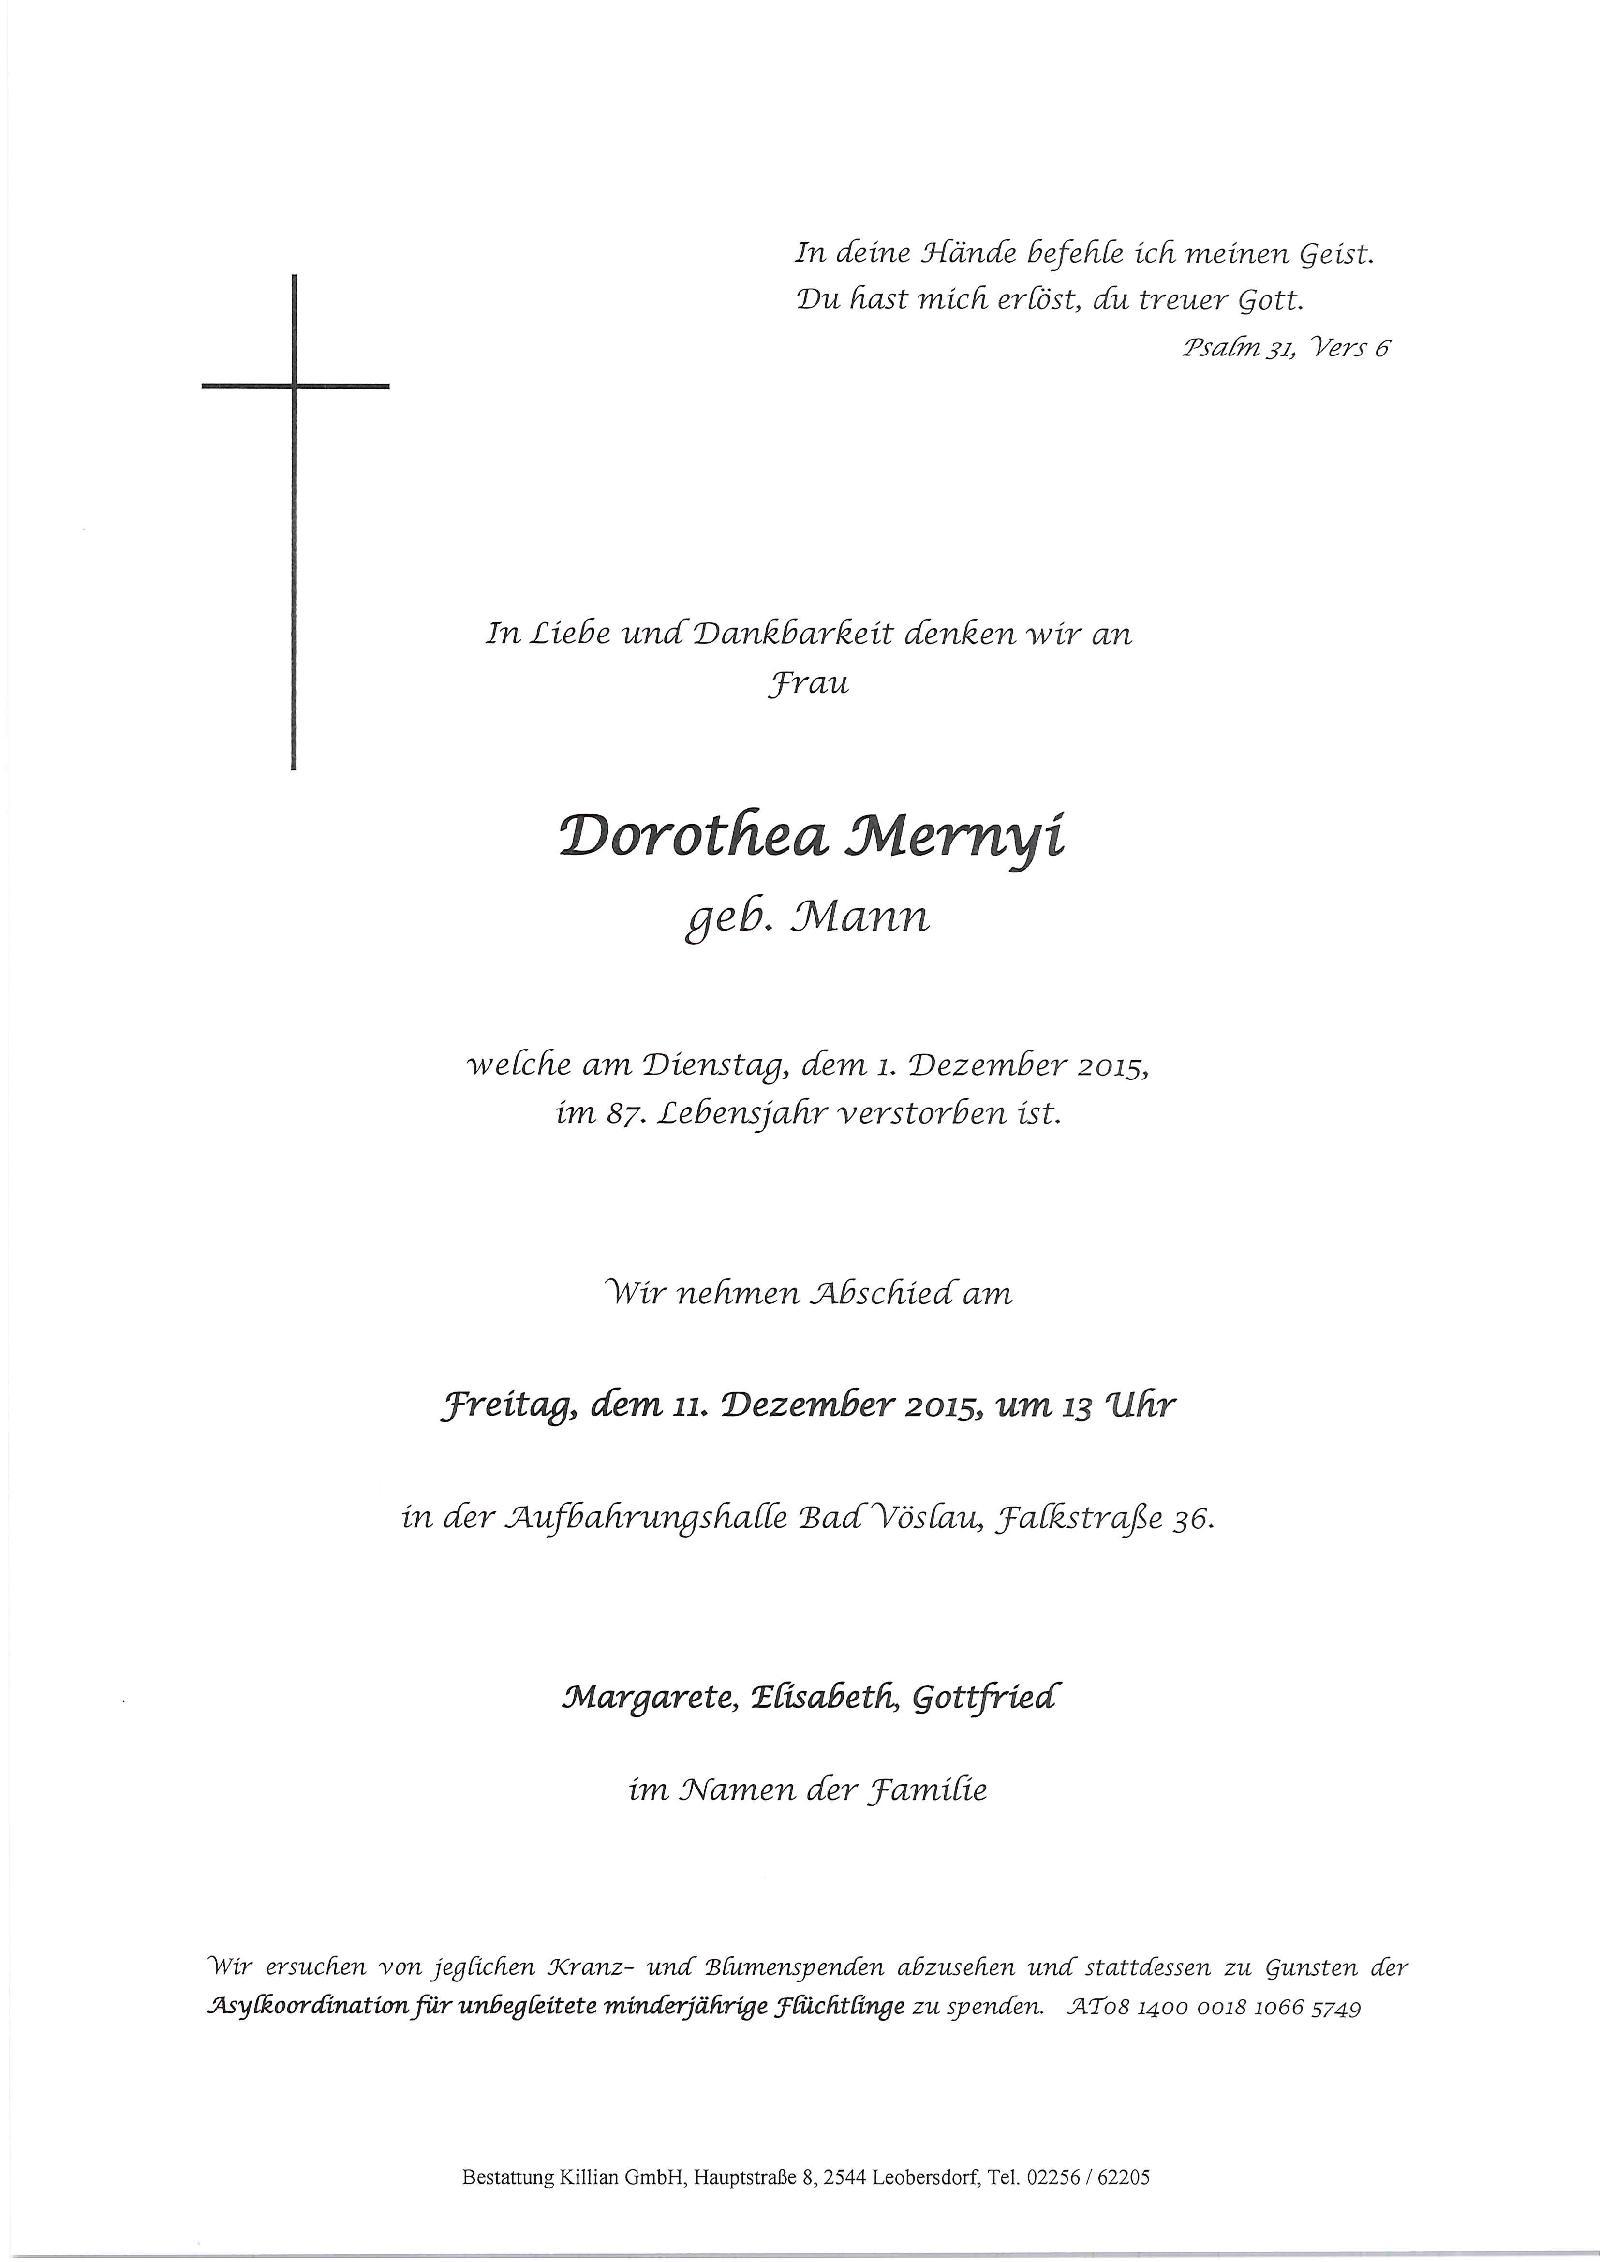 Dorothea Merny